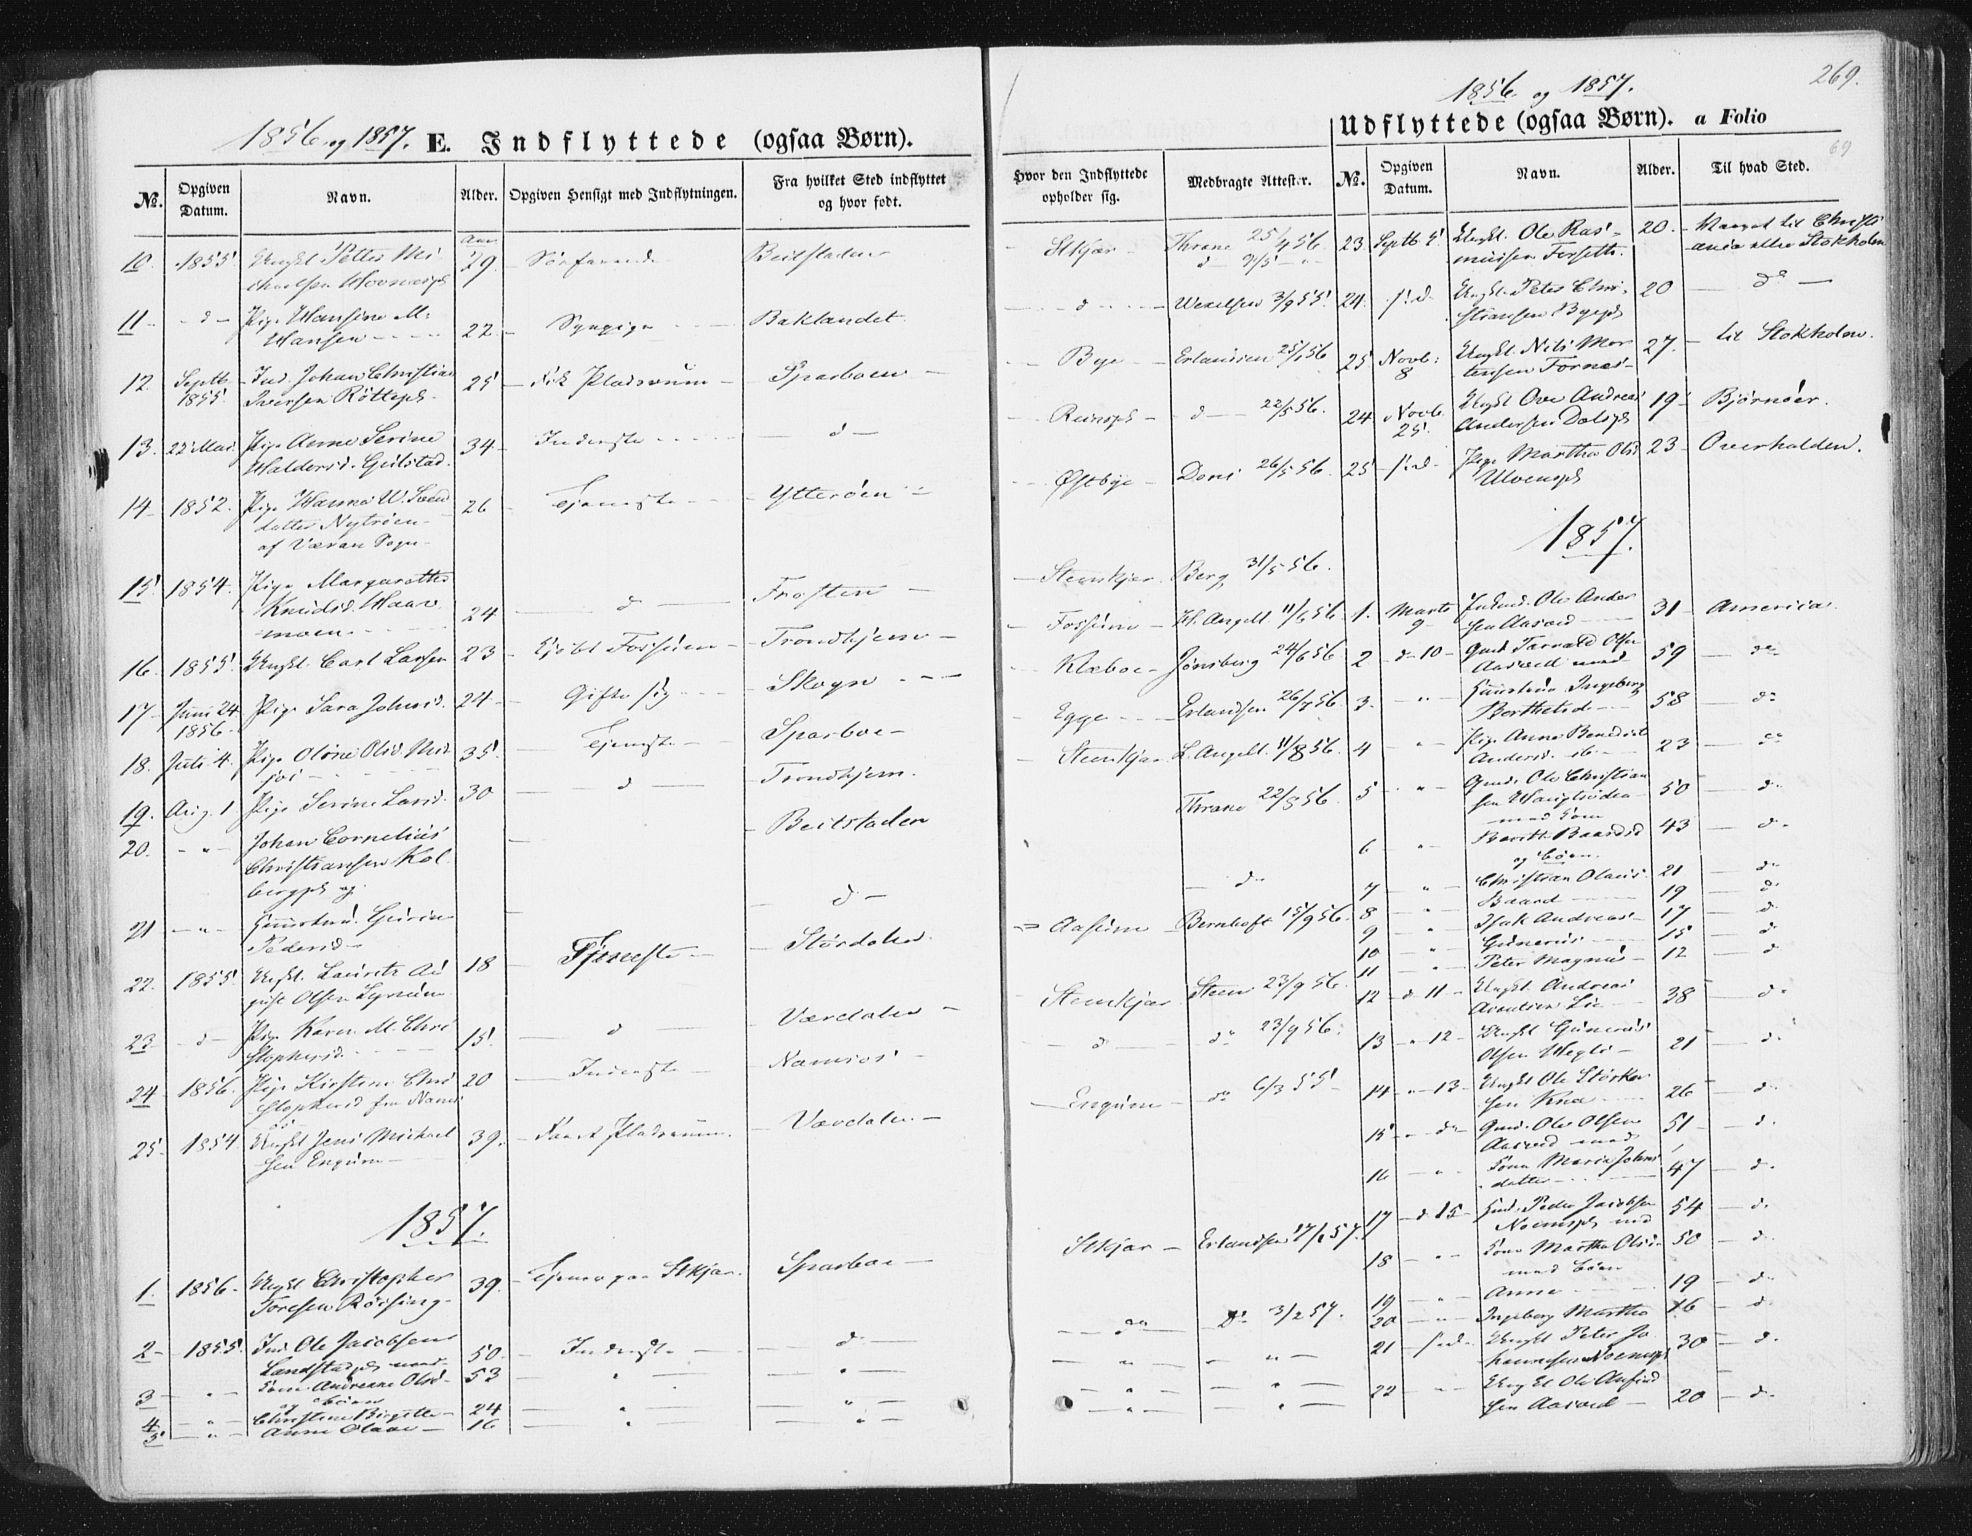 SAT, Ministerialprotokoller, klokkerbøker og fødselsregistre - Nord-Trøndelag, 746/L0446: Ministerialbok nr. 746A05, 1846-1859, s. 269